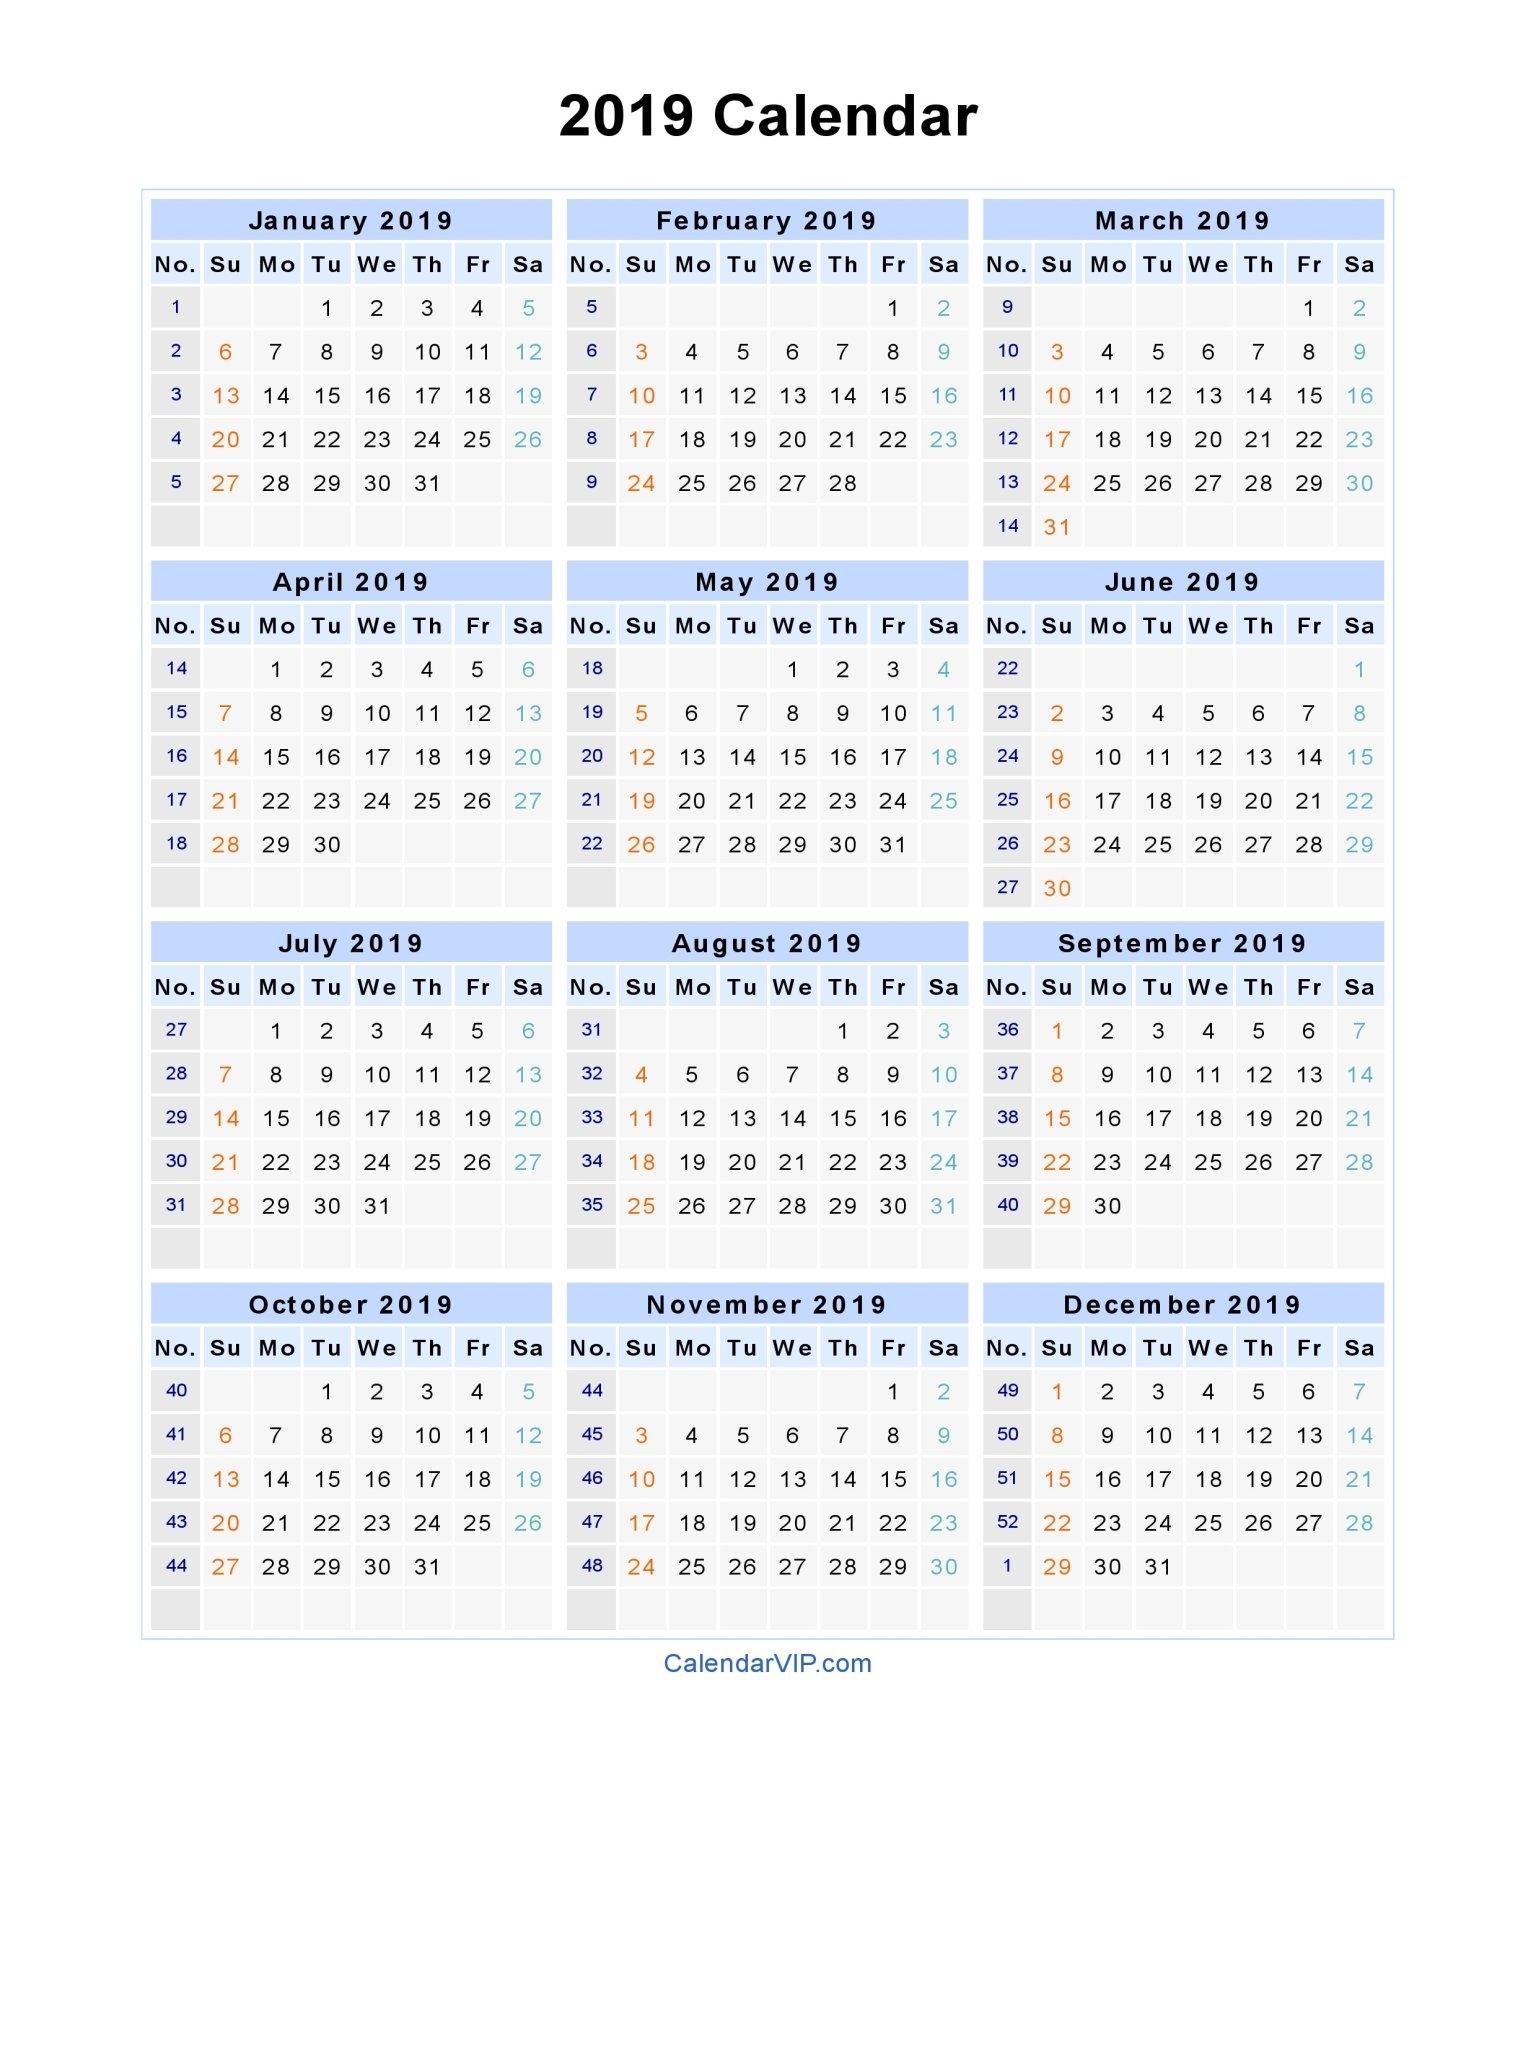 2019 Calendar – Blank Printable Calendar Template In Pdf Word Excel Calendar 2019 Template Excel